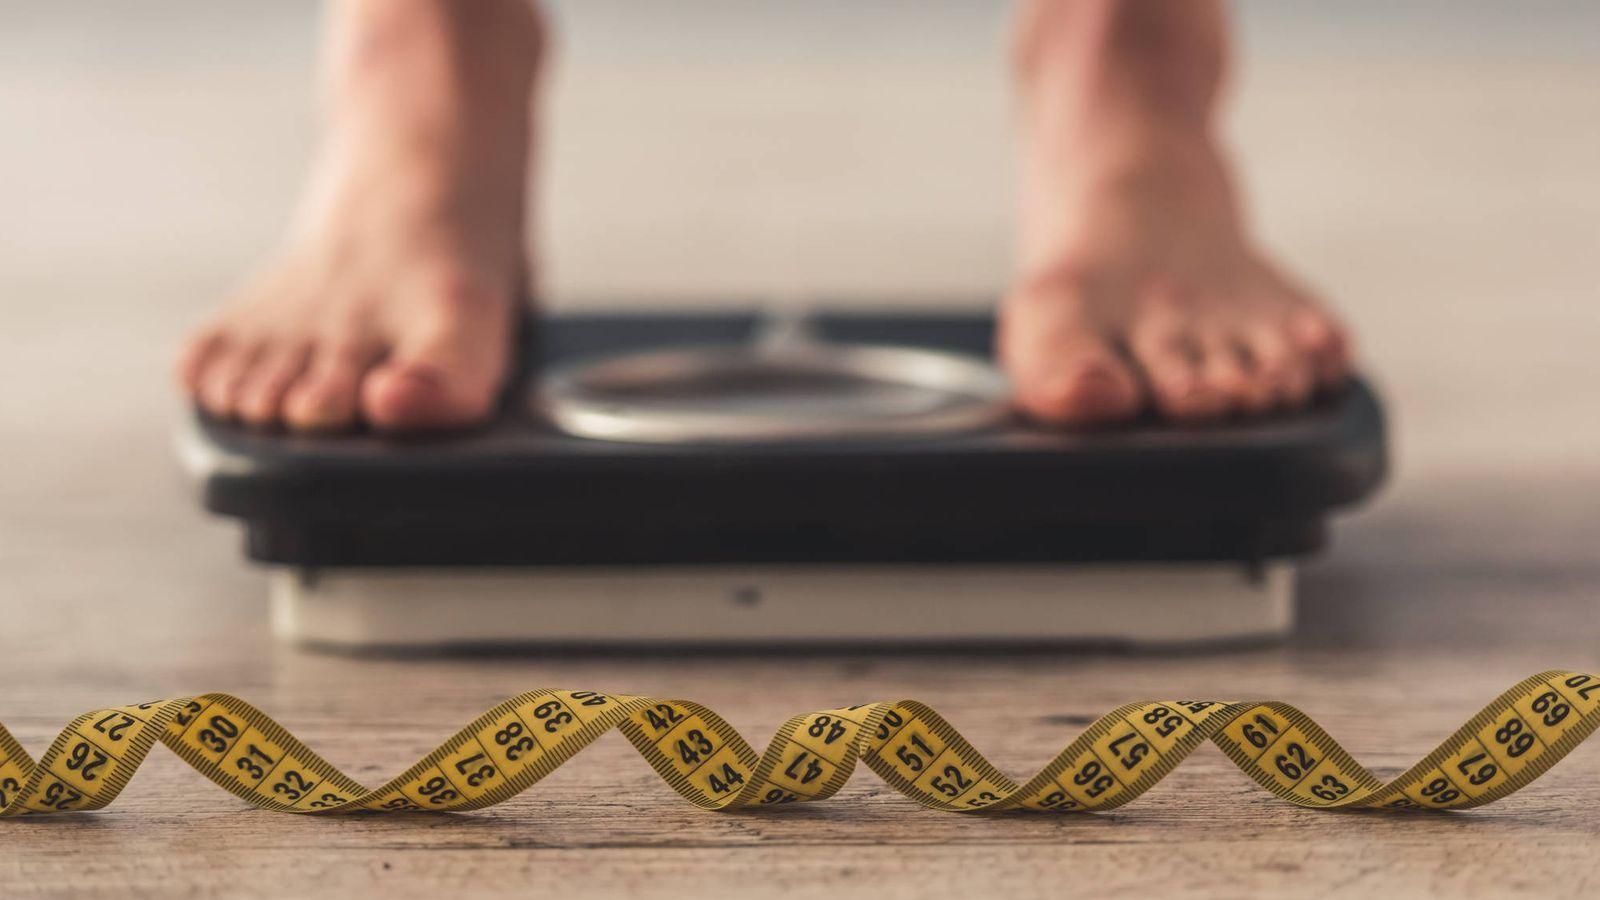 Foto: La obesidad y el sobrepeso no dependen tanto de lo que heredamos. iStock